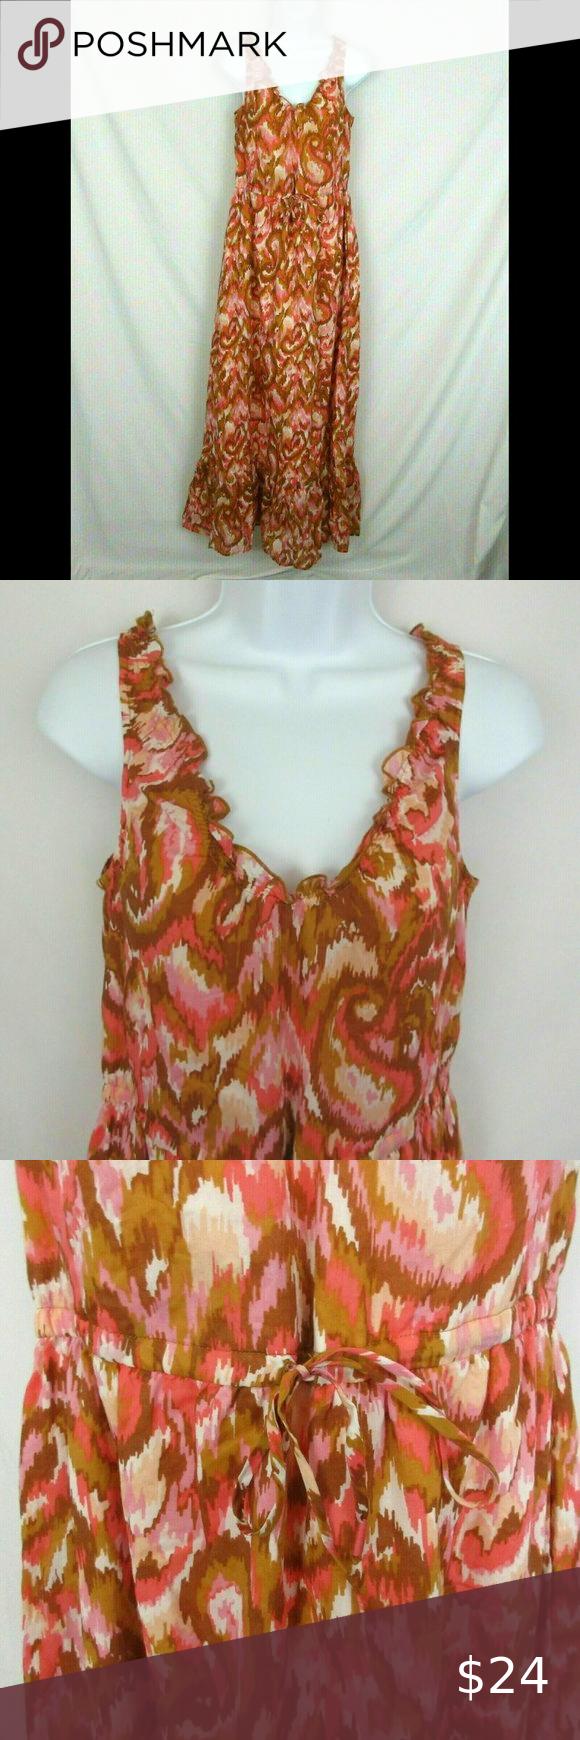 Isaac Mizrahi Live Xxs Boho Drawstring Maxi Dress Drawstring Maxi Dress Boho Fashion Summer Maxi Styles [ 1740 x 580 Pixel ]